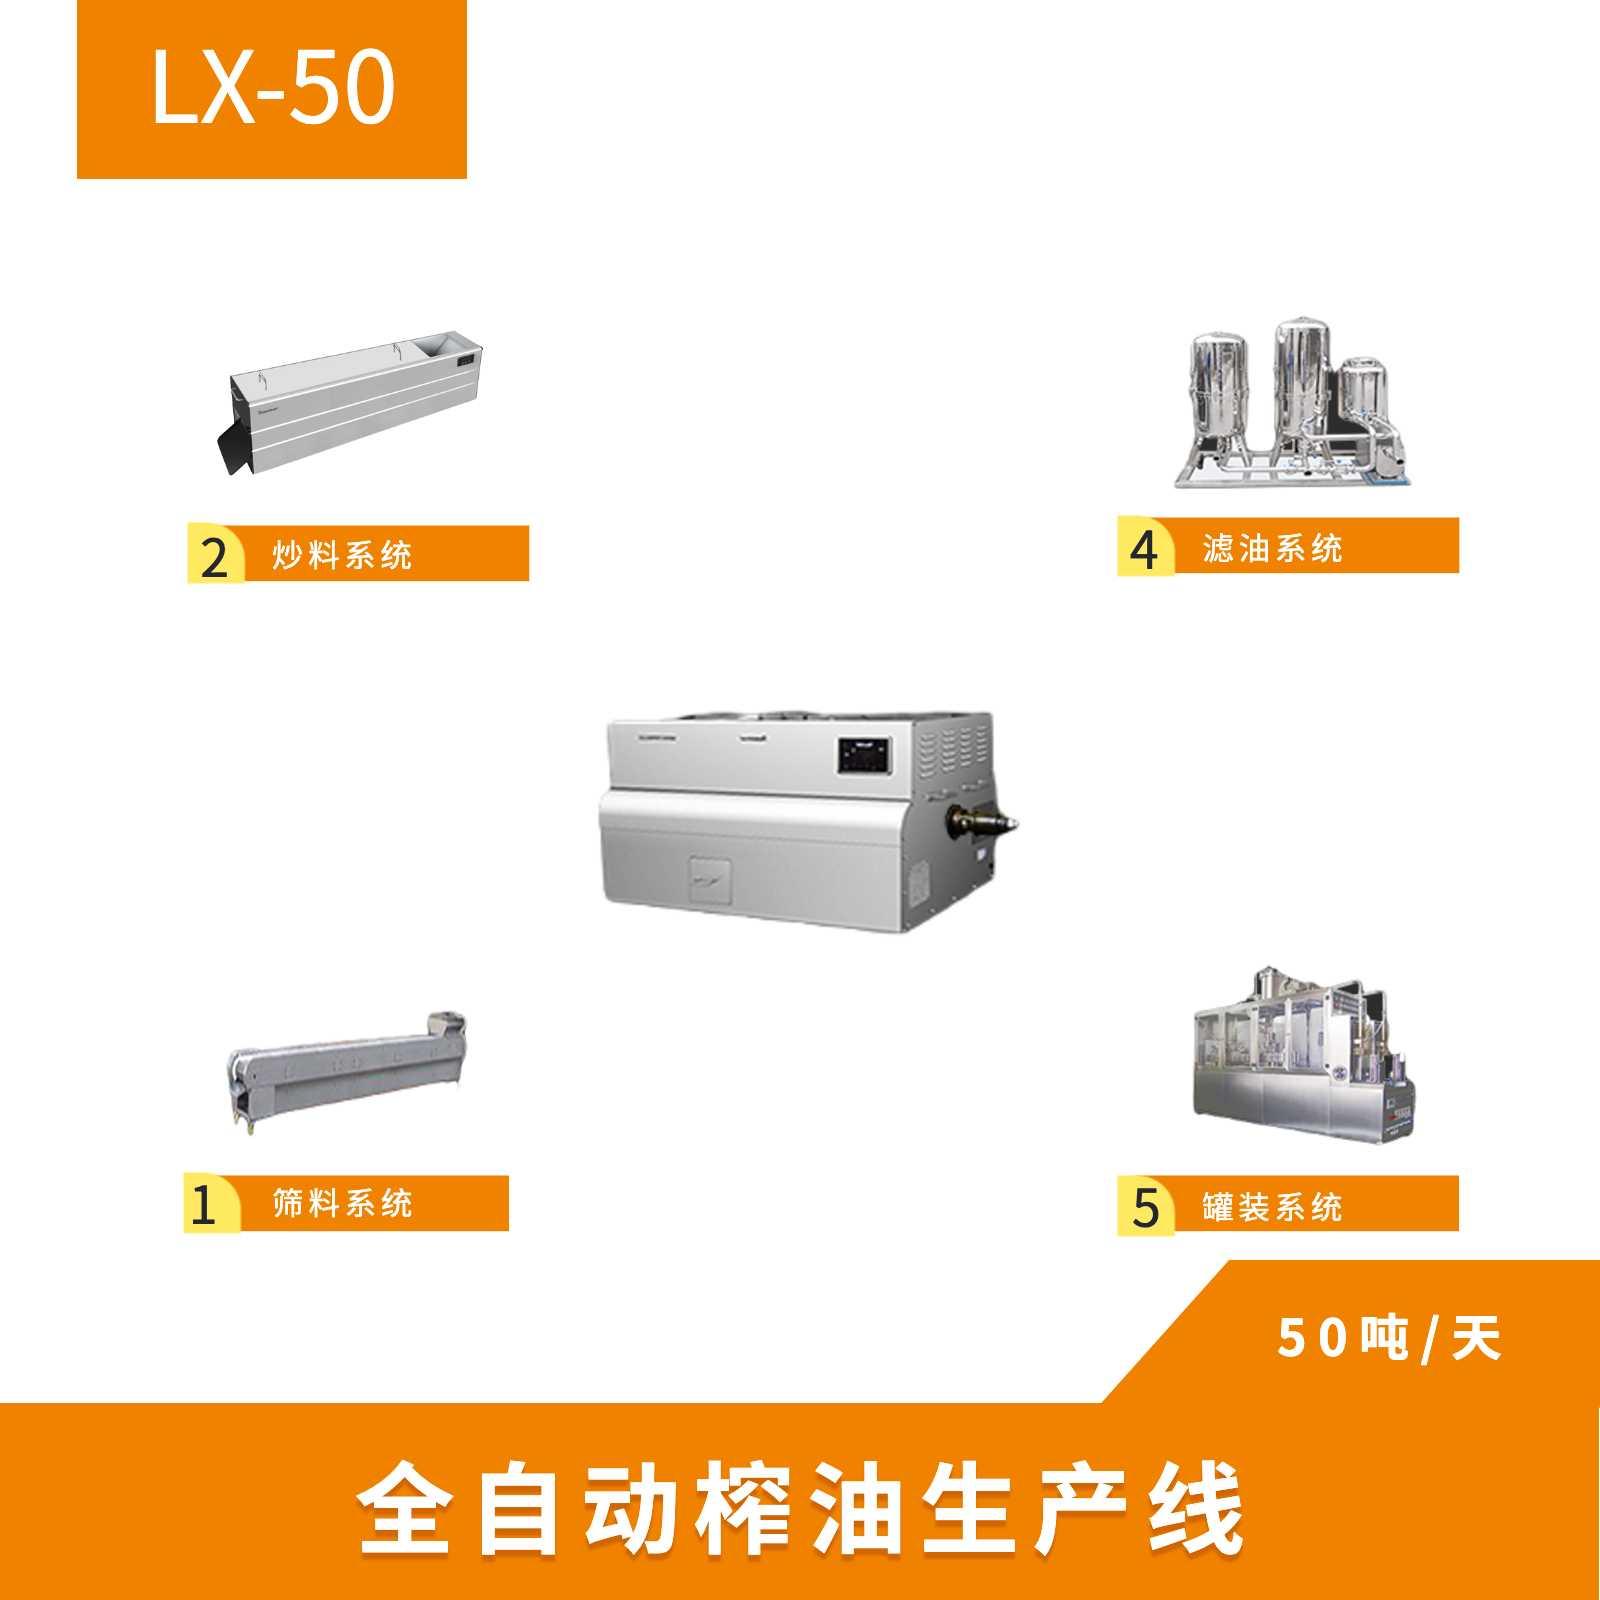 全自动榨油生产线 LX-50